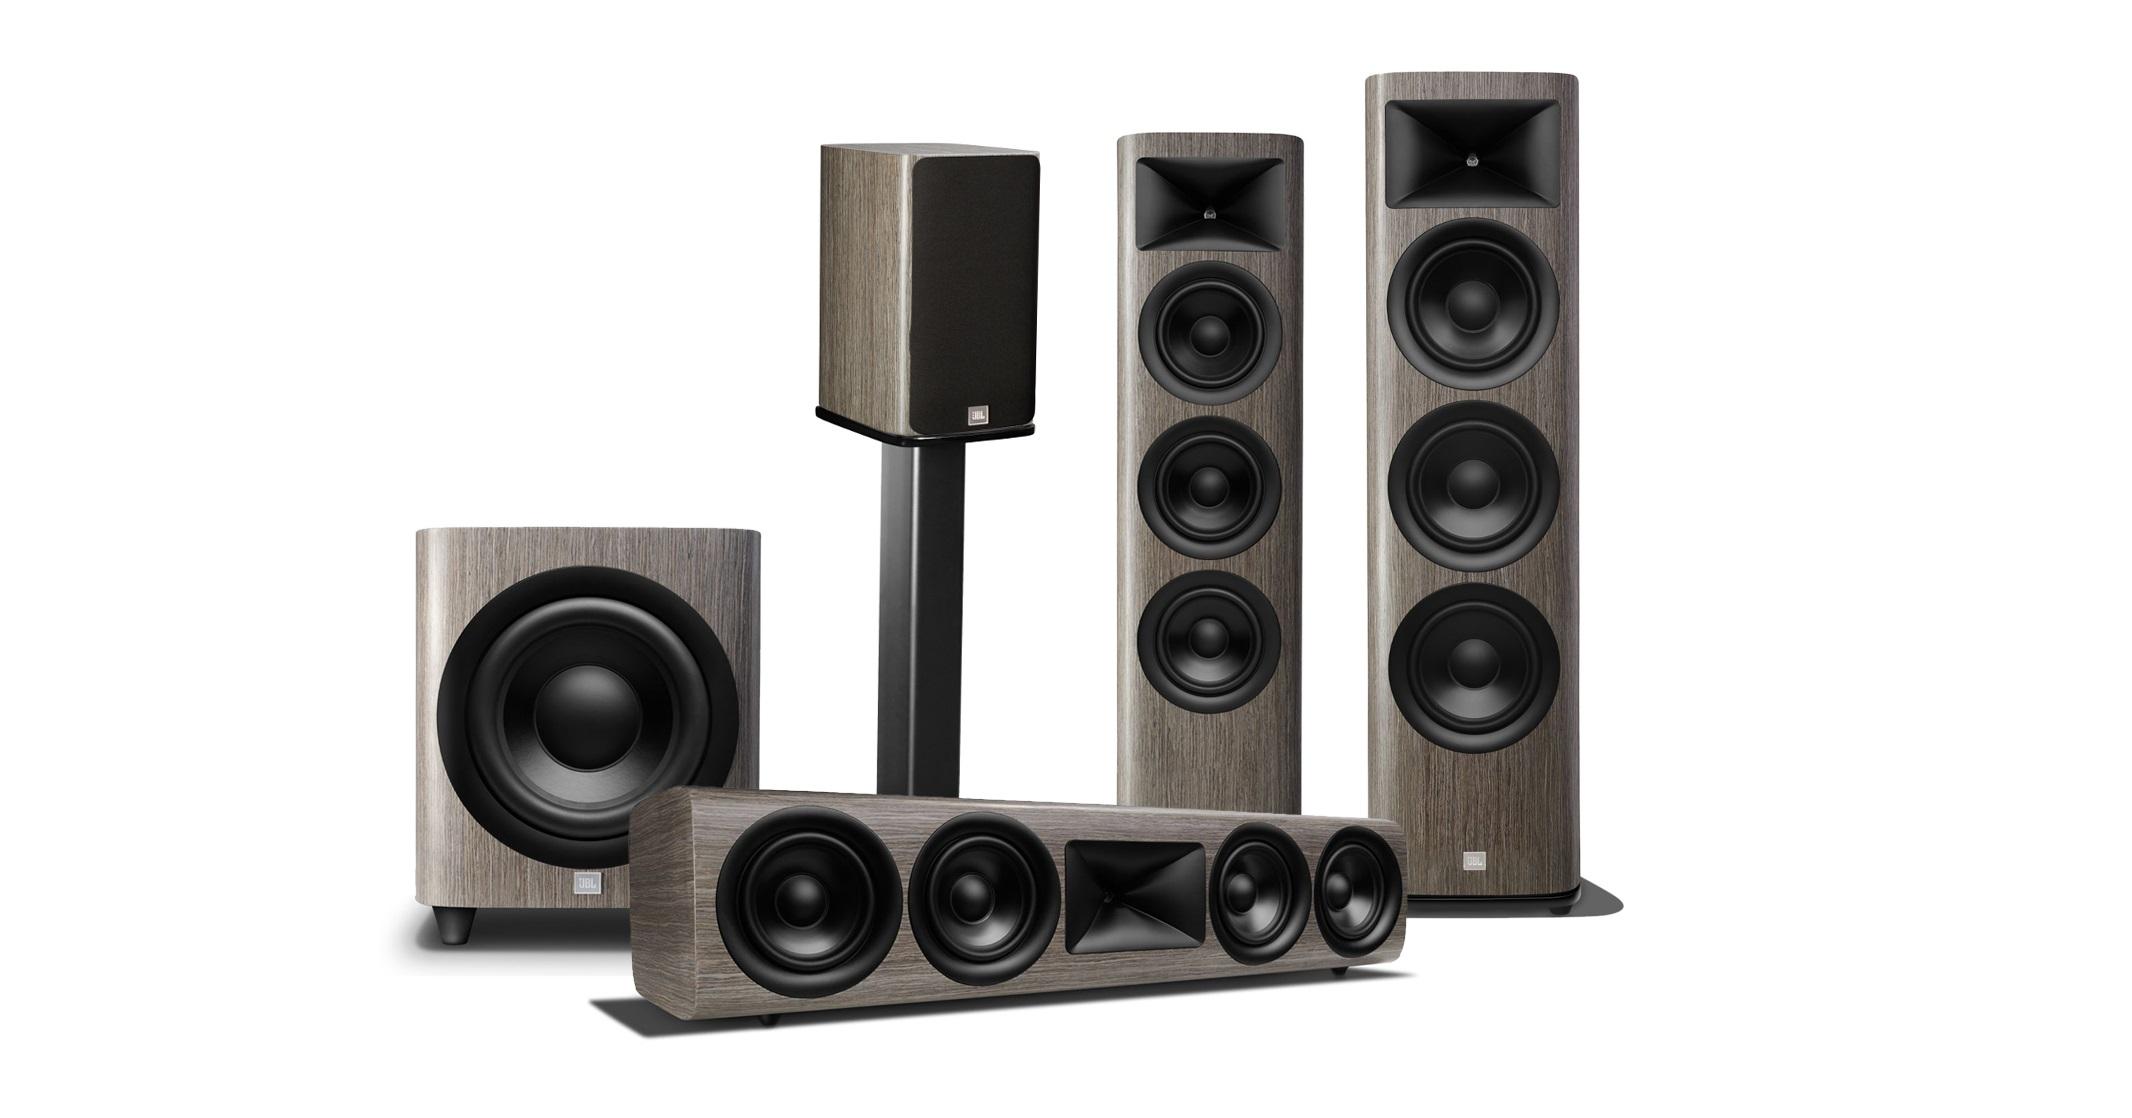 Die neuen Lautsprecher der Serie HDI von JBL